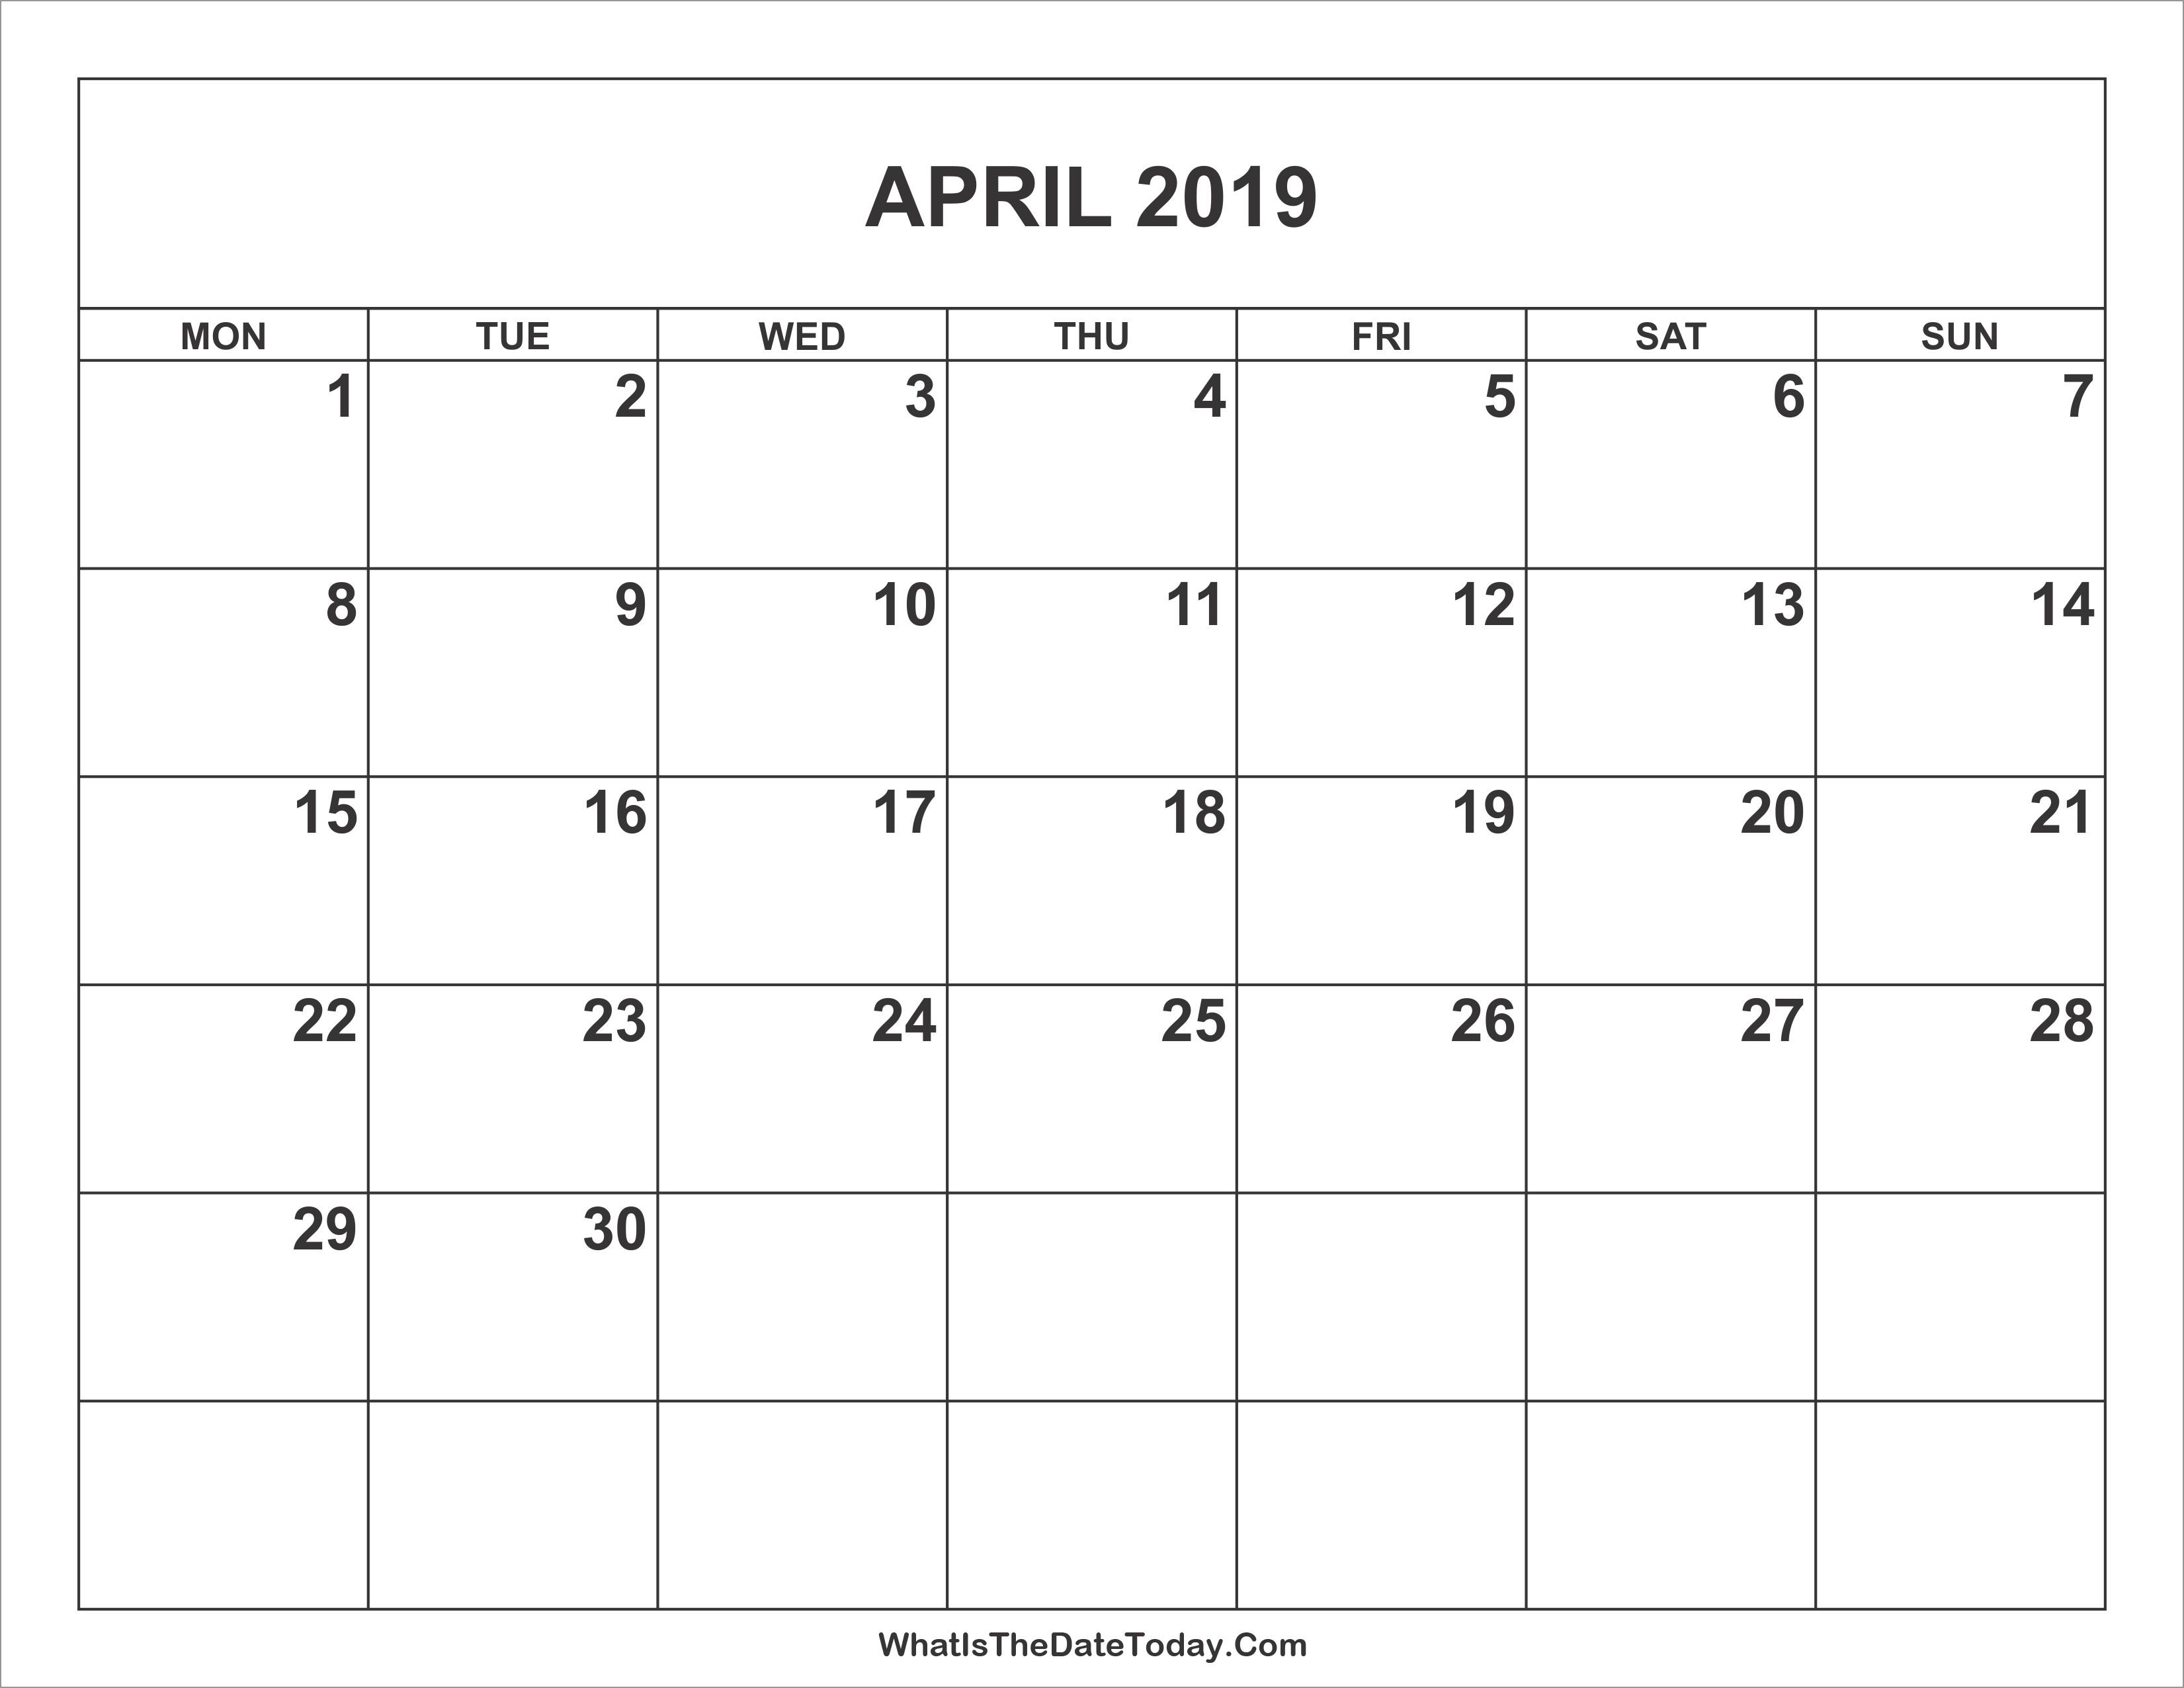 March Calendar Canada Más Recientes April 2019 Calendar Word April 2019 Calendar Of March Calendar Canada Más Recientes Flowers March 2019 Desktop Calendar March March2019